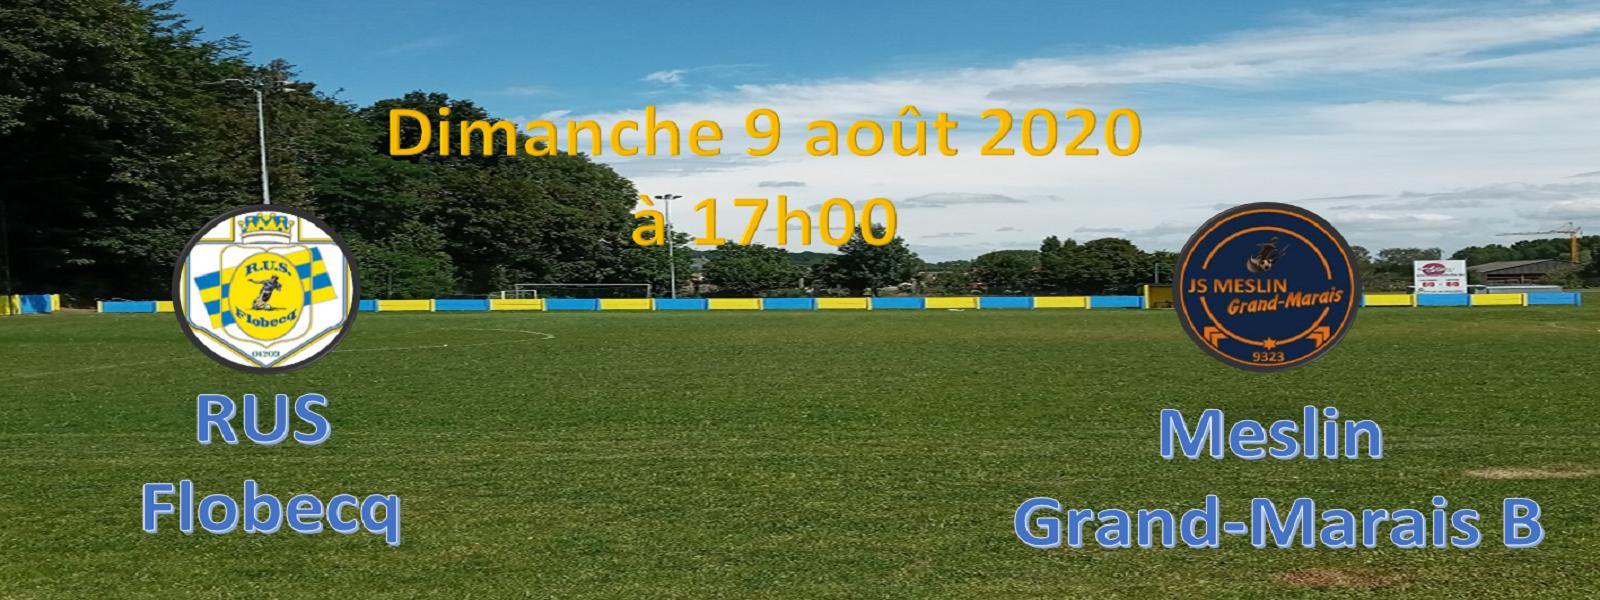 RUS Flobecq – Meslin Grand-Marais B (amical)